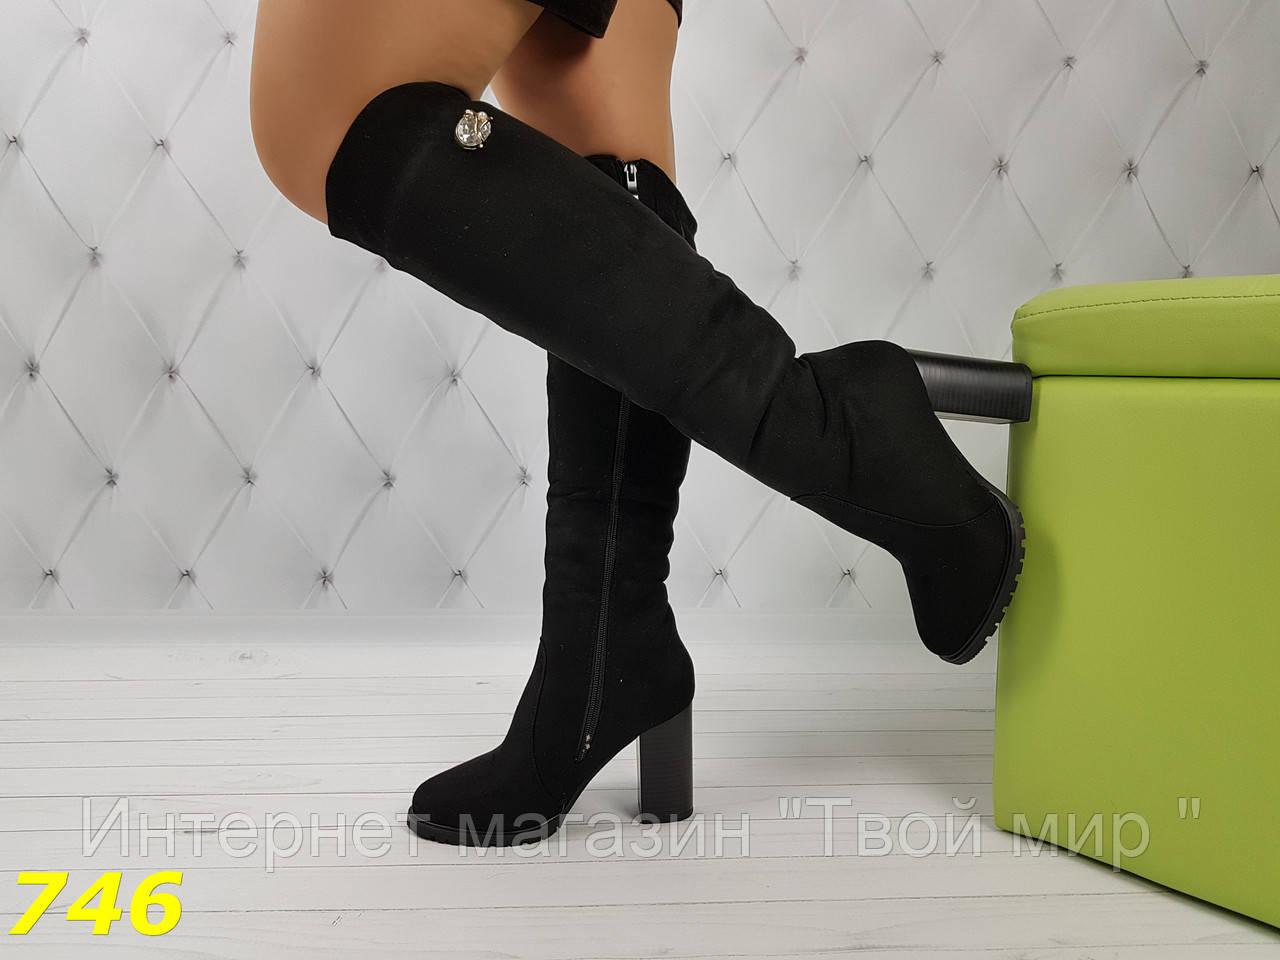 b598e8e8 Зимние сапоги ботфорты на устойчивом удобном каблуке: продажа, цена ...